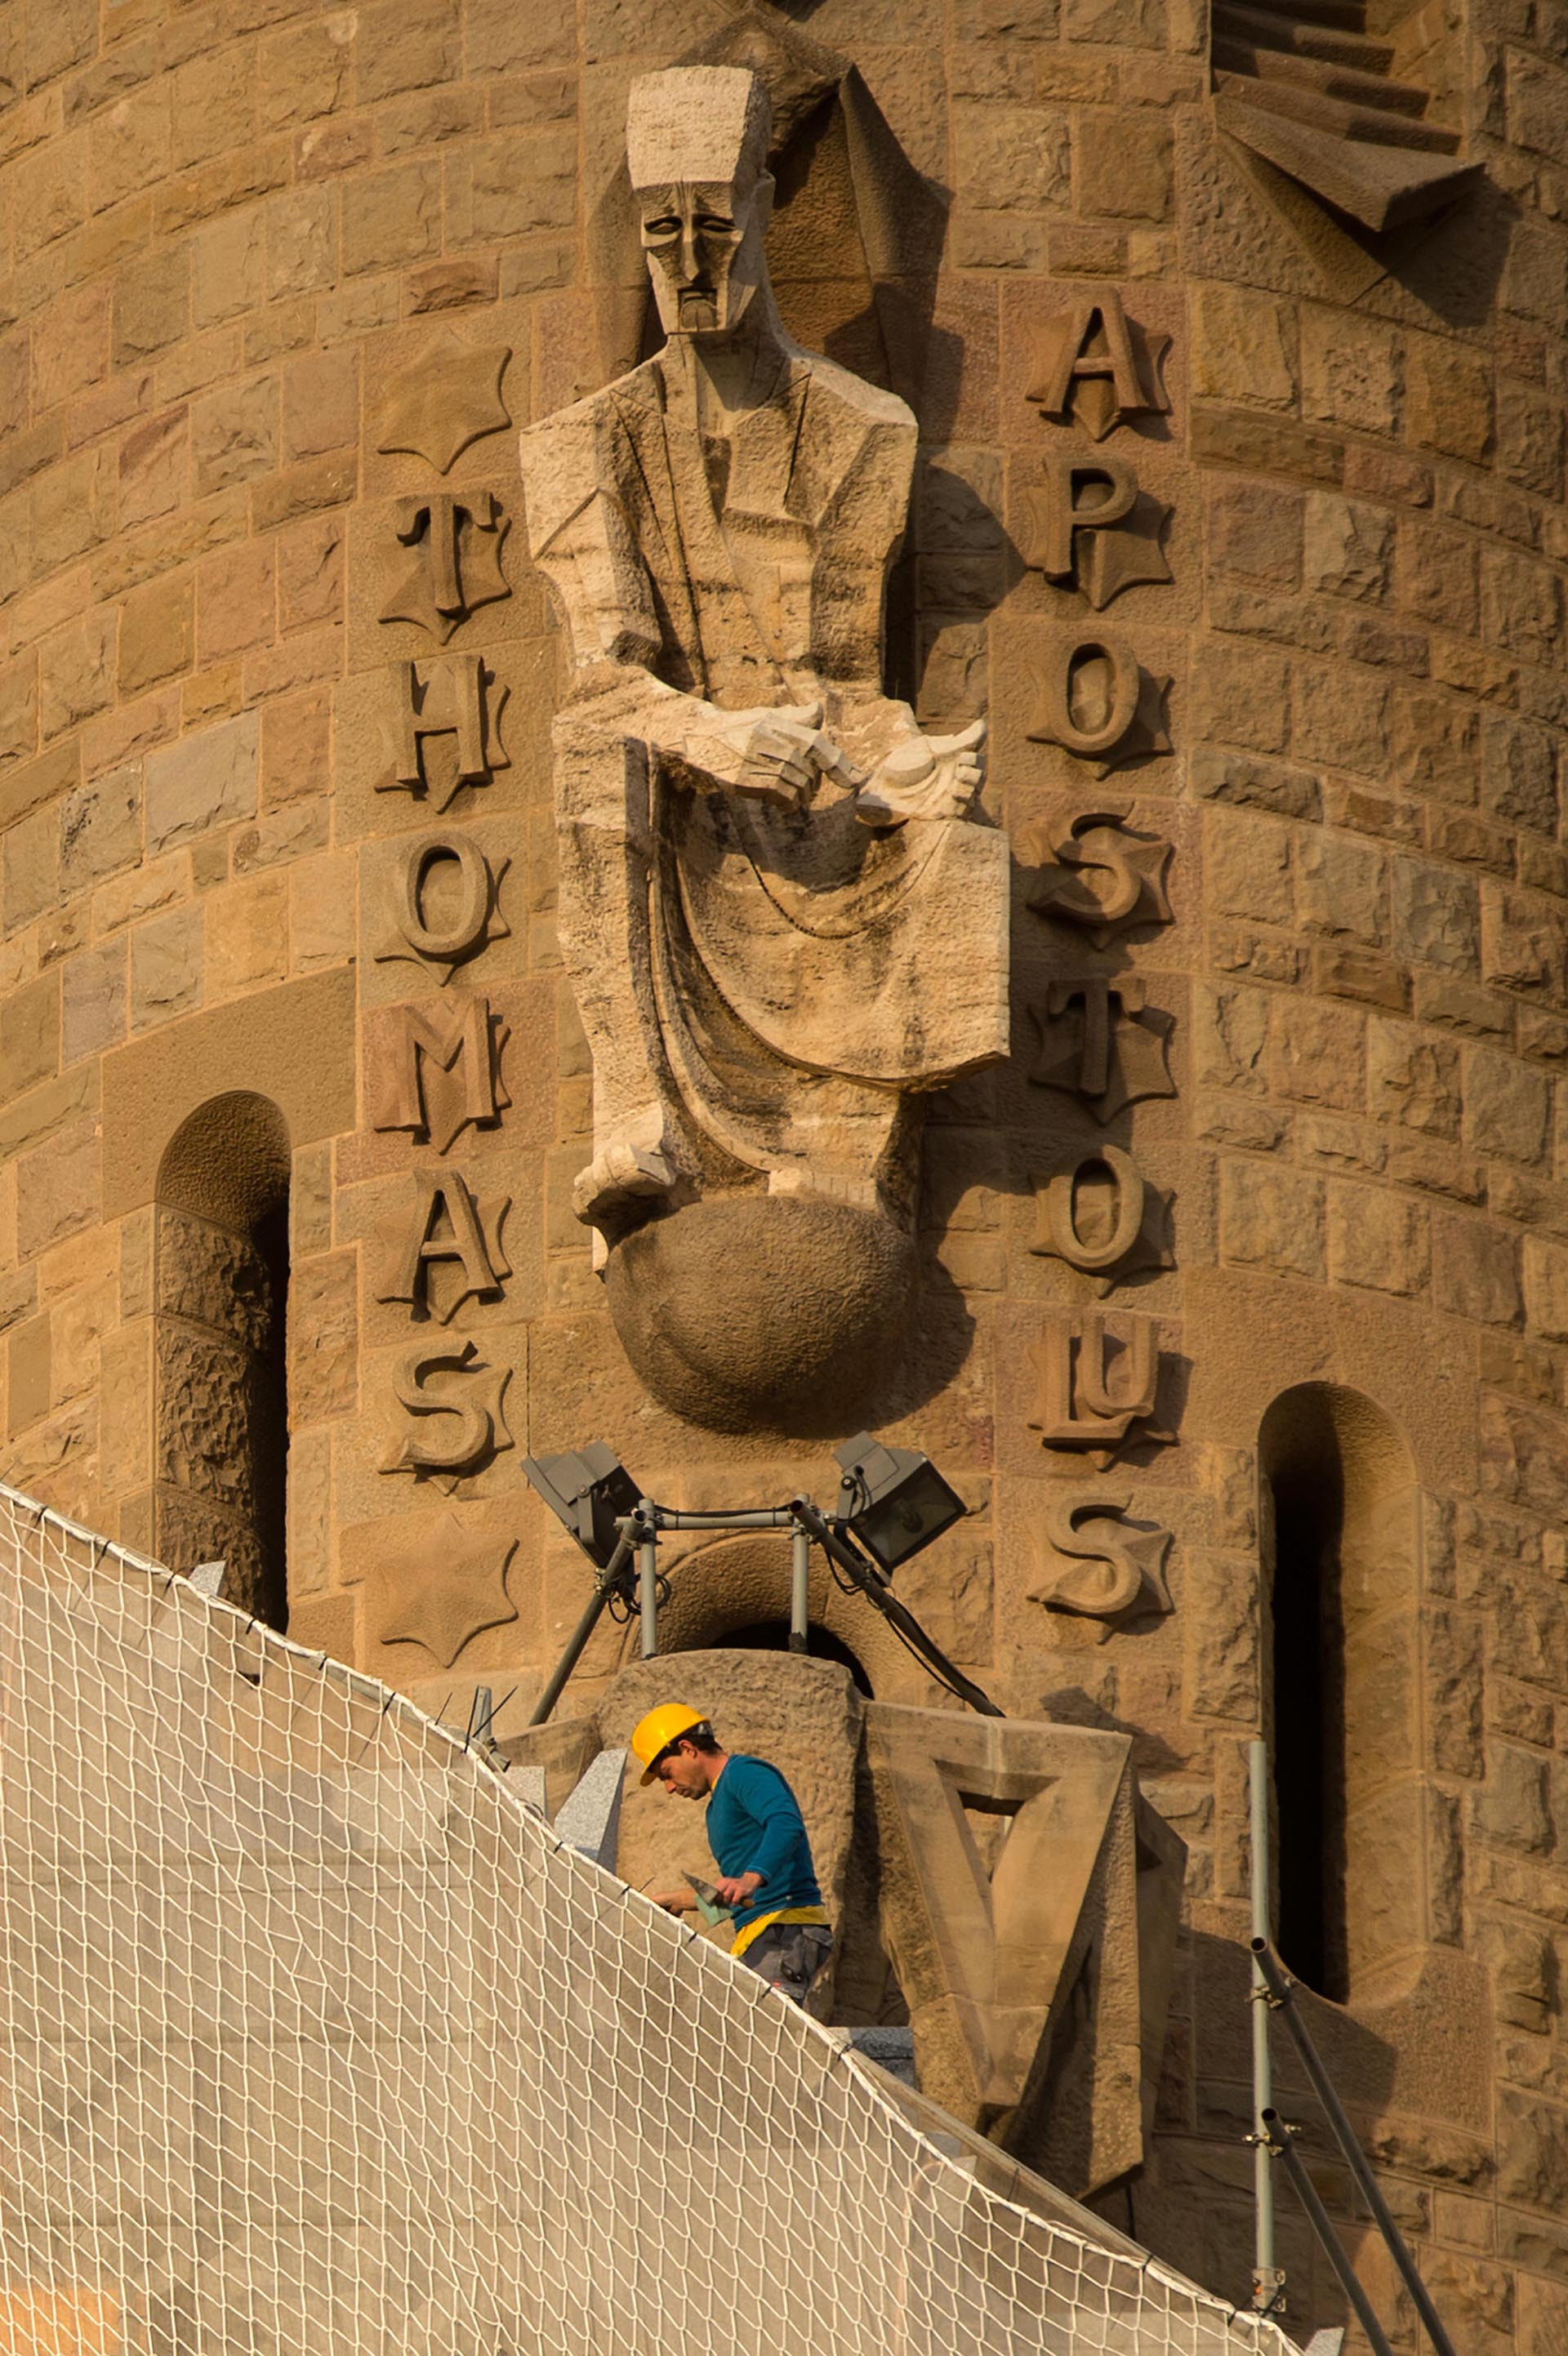 Detalle de la fachada de las Pasiones, de apariencia desnuda y austera, con formas geométricas en arista